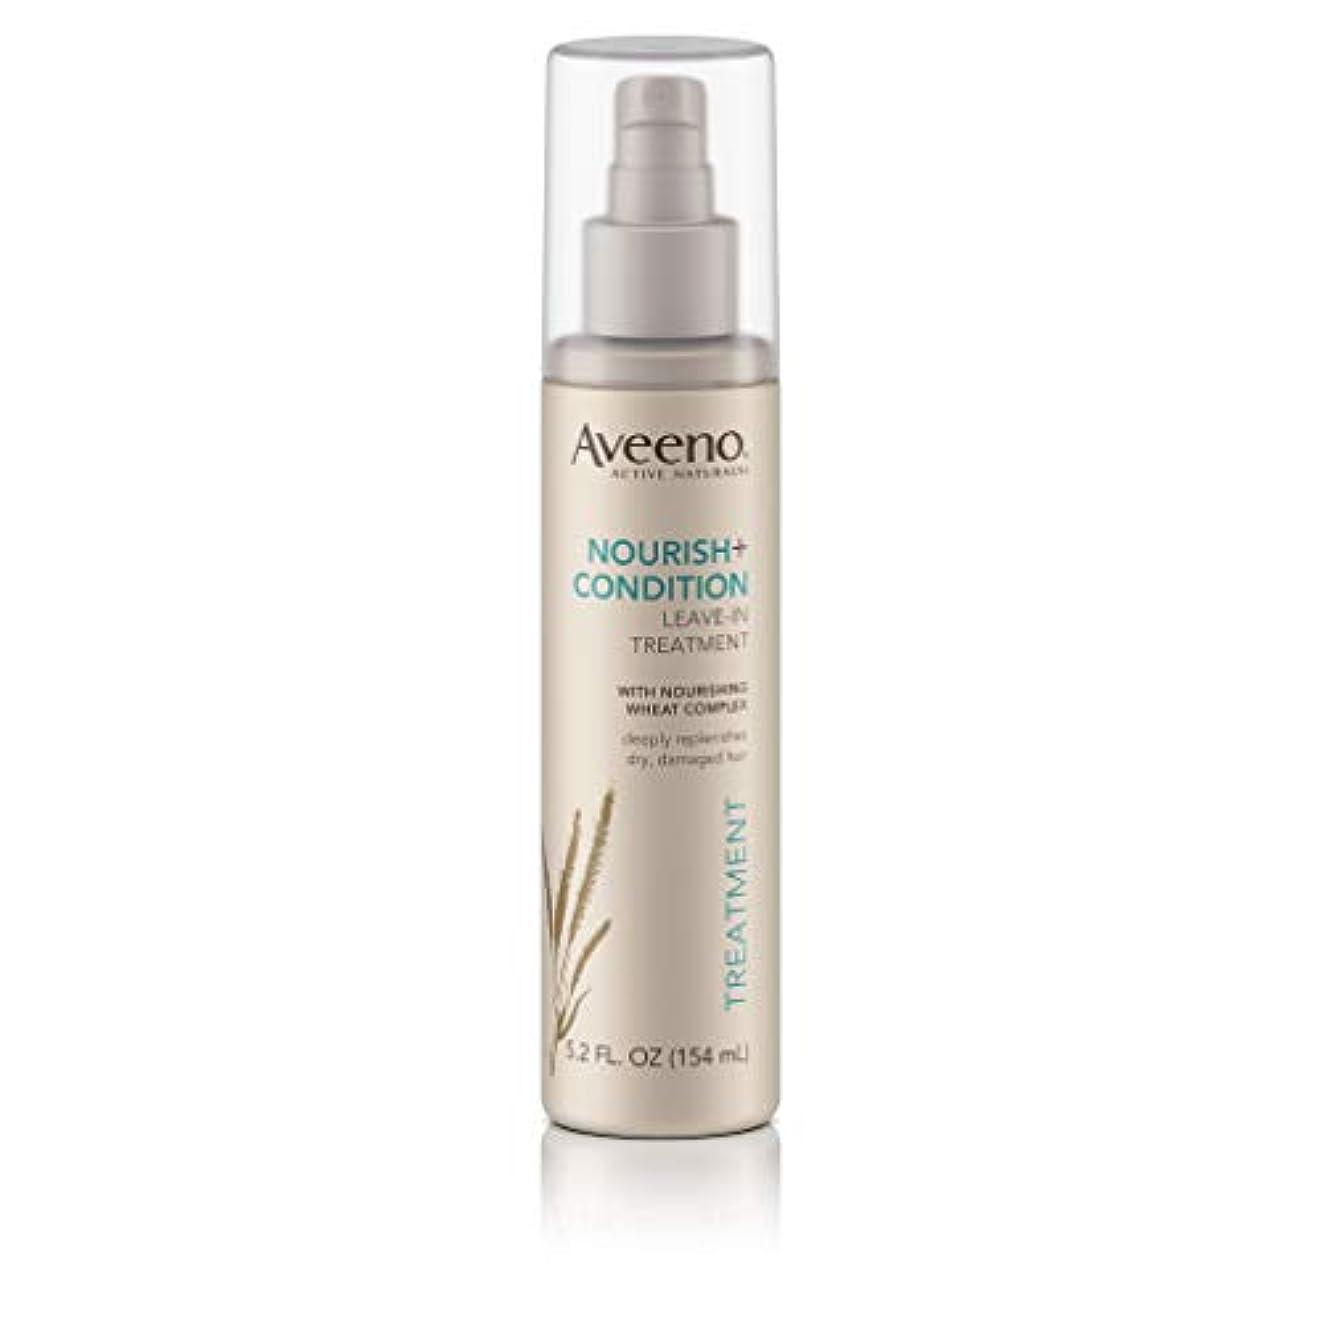 に賛成症候群速いAveeno Nourish+ Condition Treatment Spray 150g (並行輸入品)